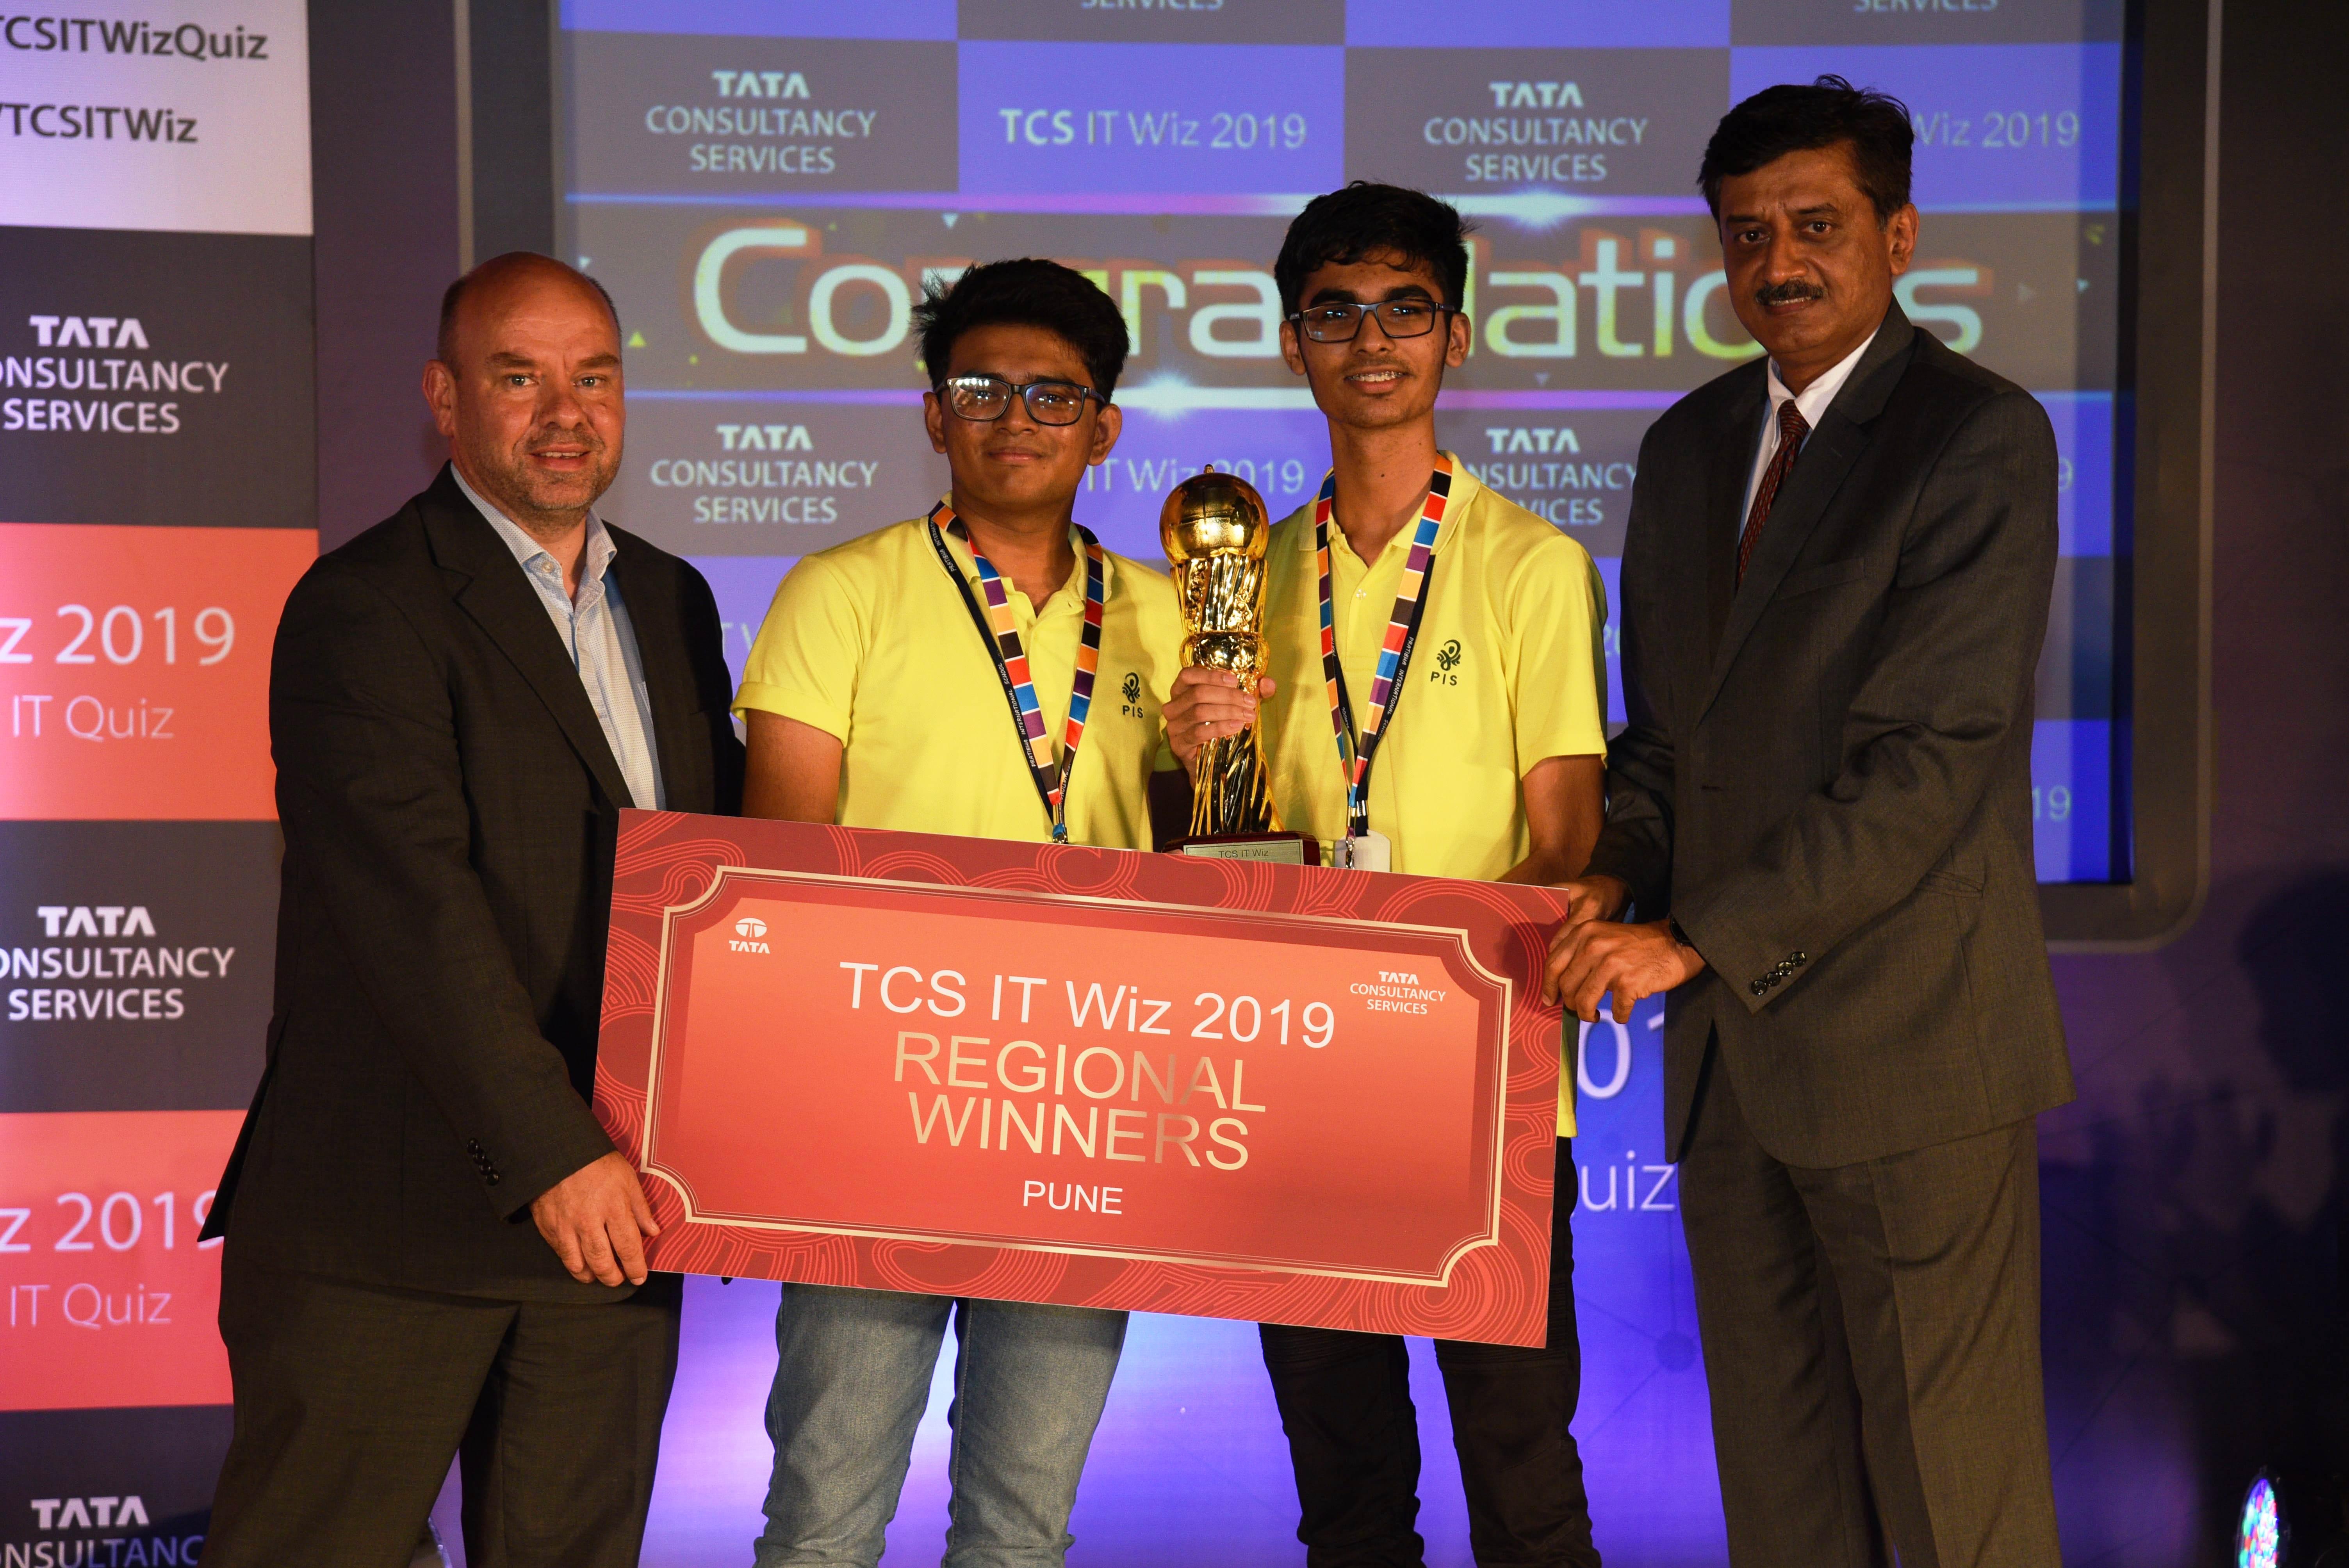 टीसीएस आयटी विझ २०१९ ची पुणे फेरी  प्रतिभा इंटरनॅशनल शाळेने जिंकली